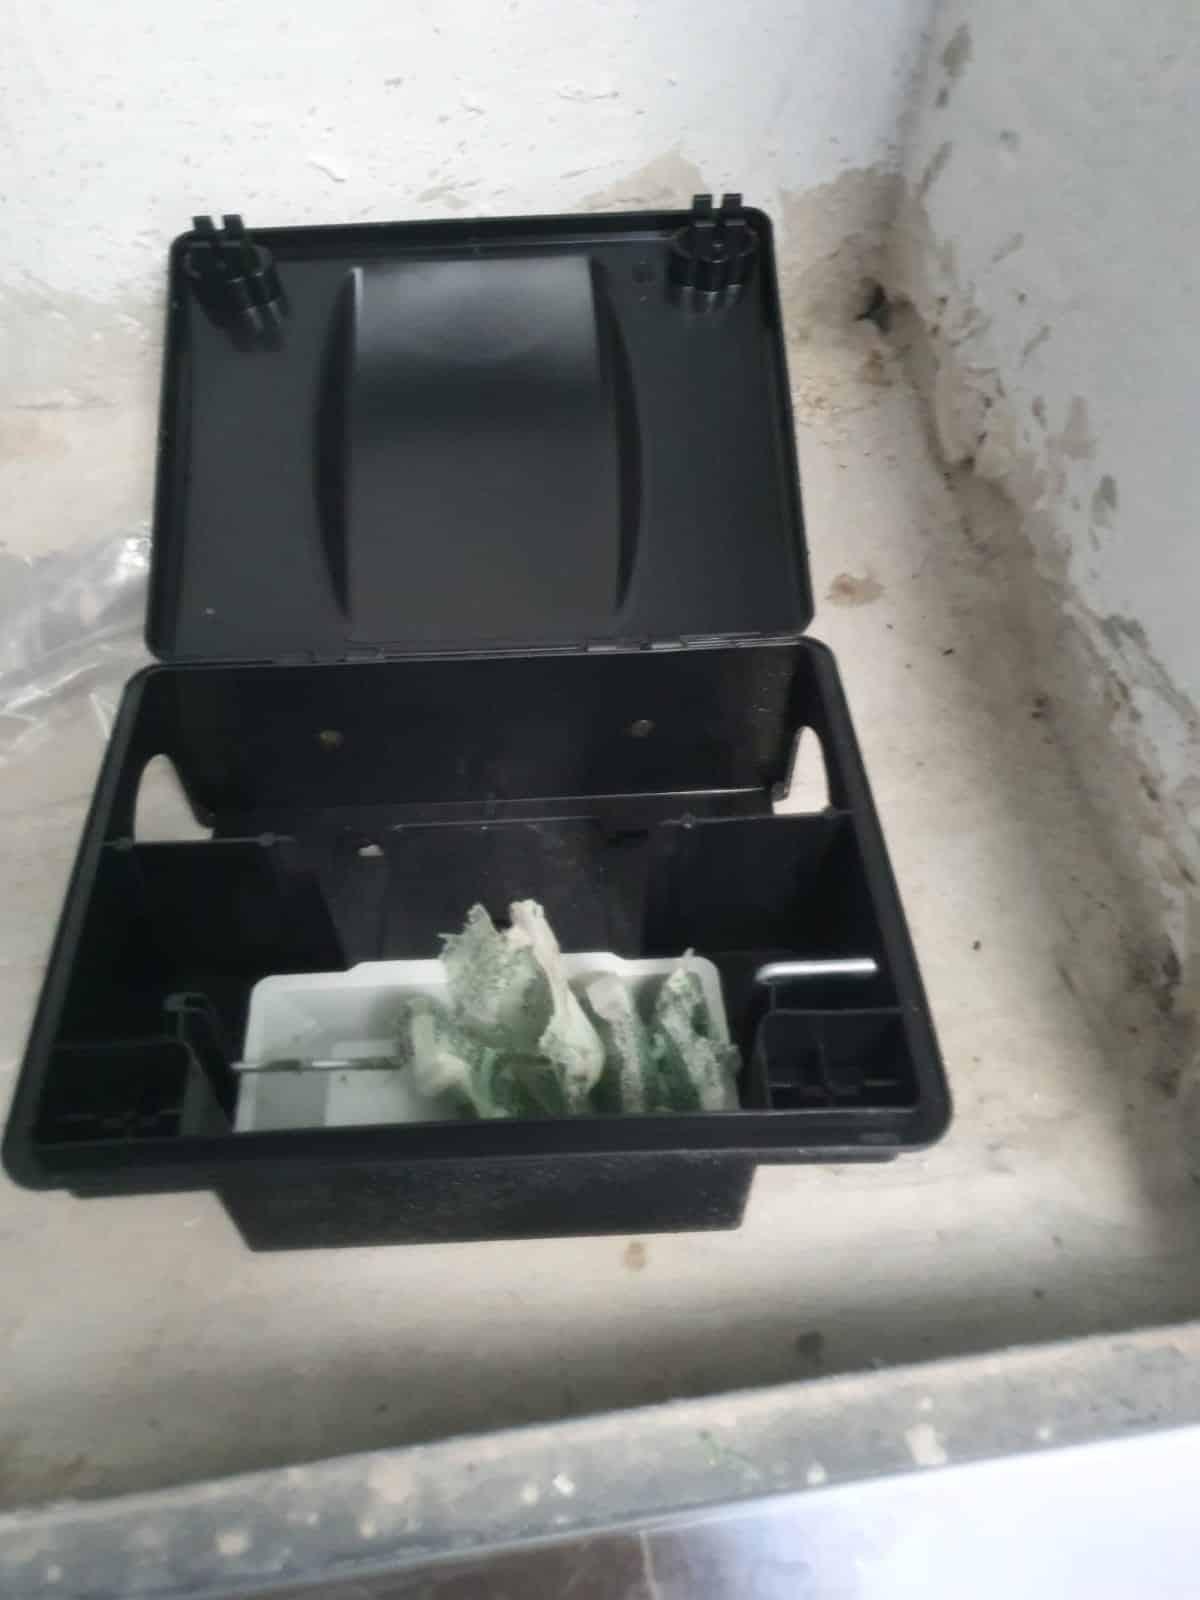 לוכד עכברים - לכידת עכברים בעזרת תיבת האכלה